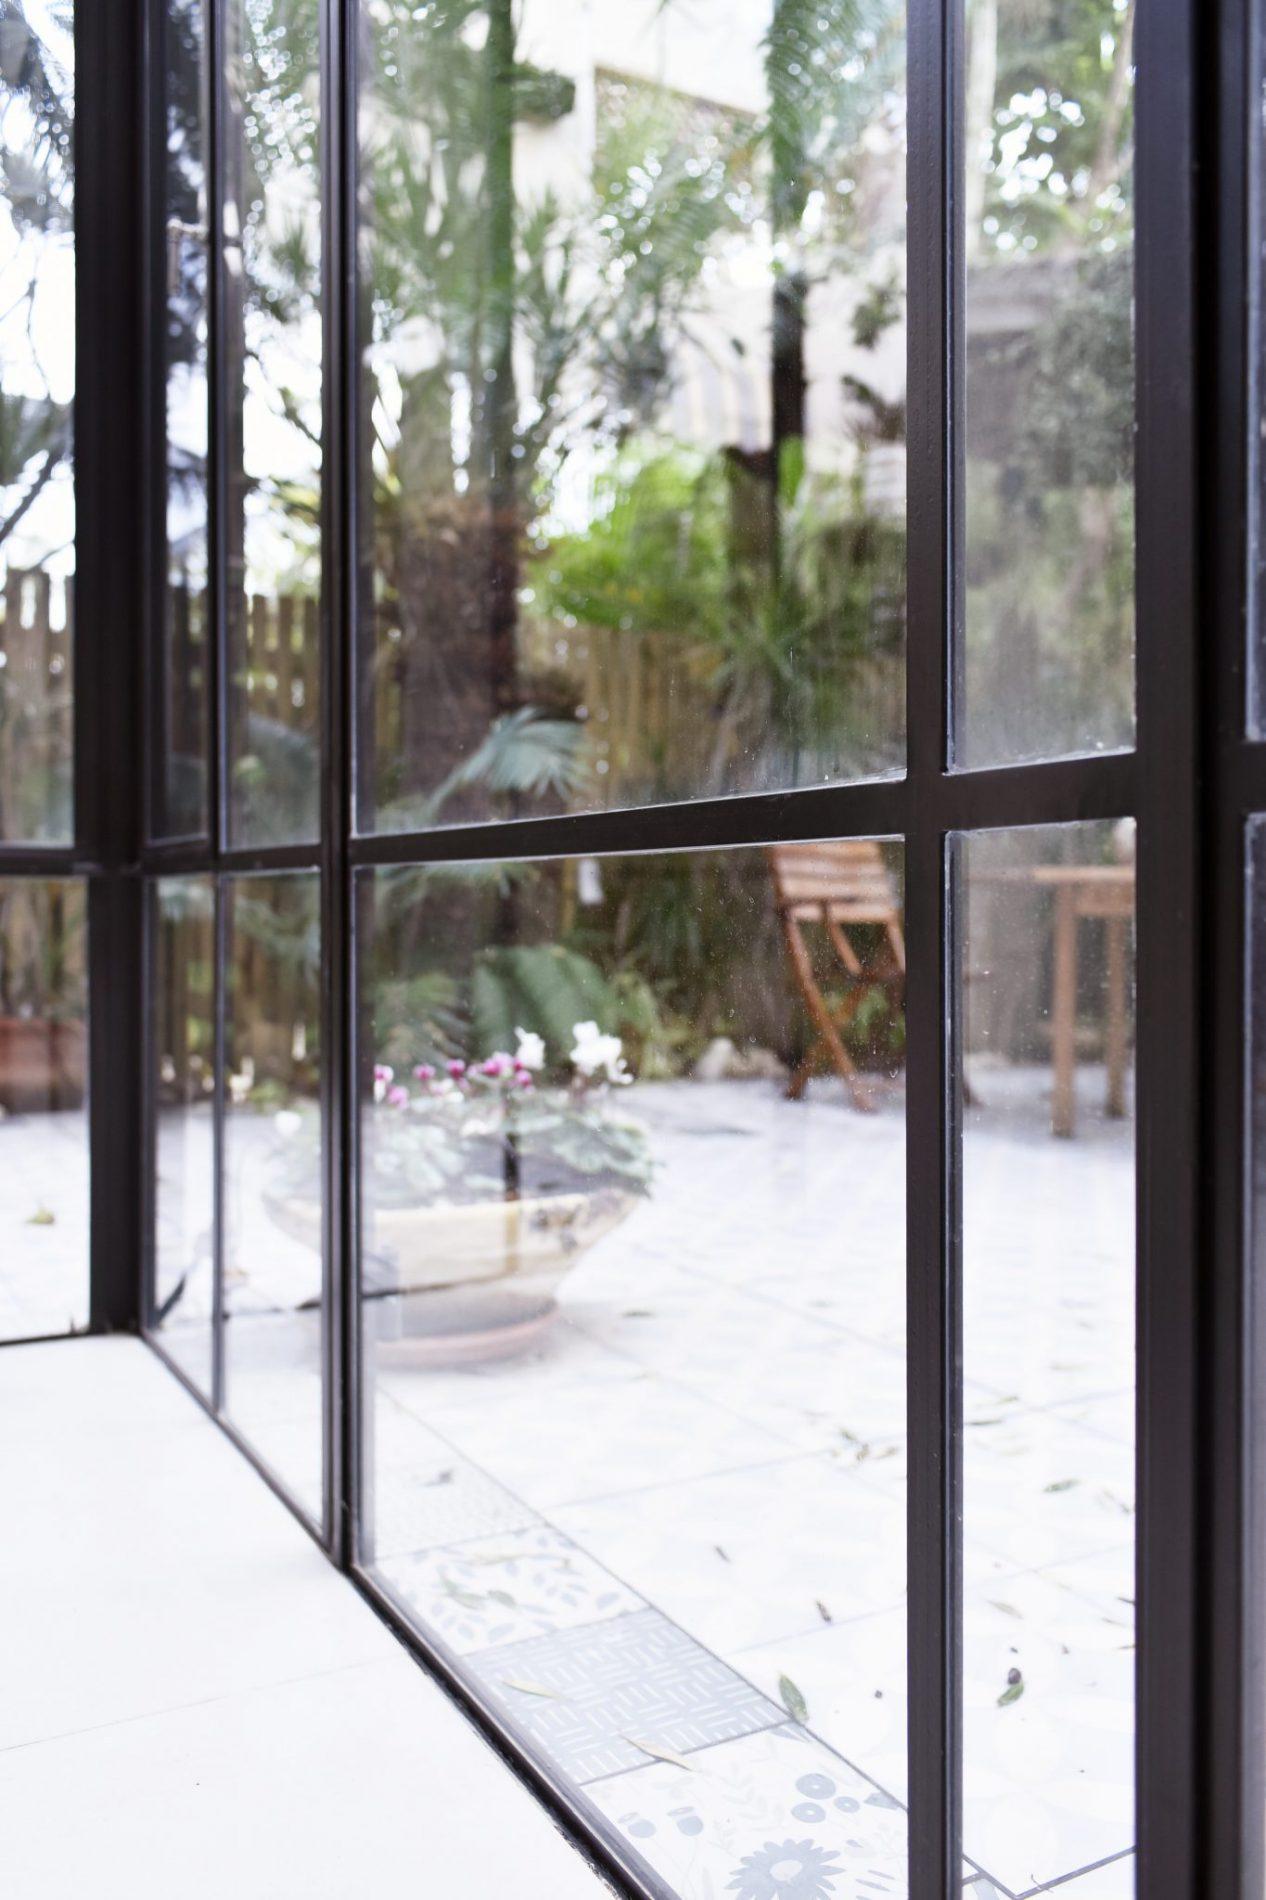 חיבור של שתי ויטרינות פרופיל בלגי בפינת הבית – מבט מבפנים– פרוייקט ארטפרו באור יהודה